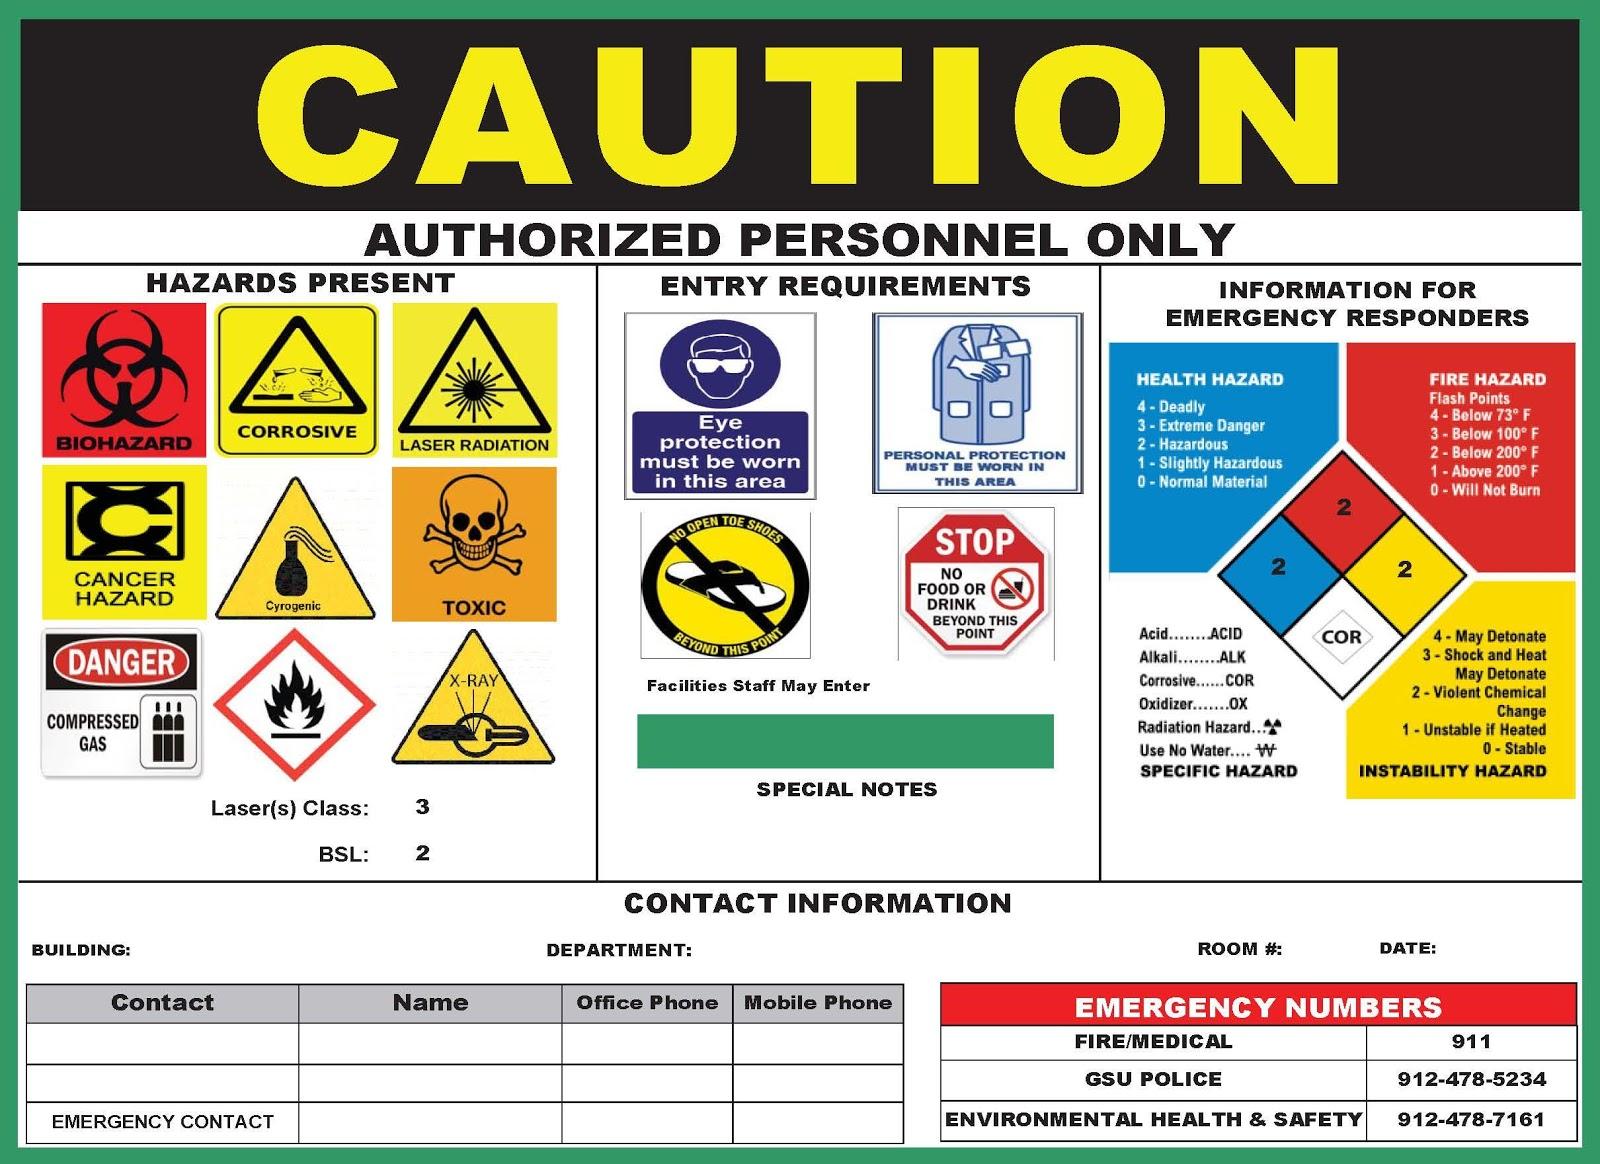 Hazard Caution Sign